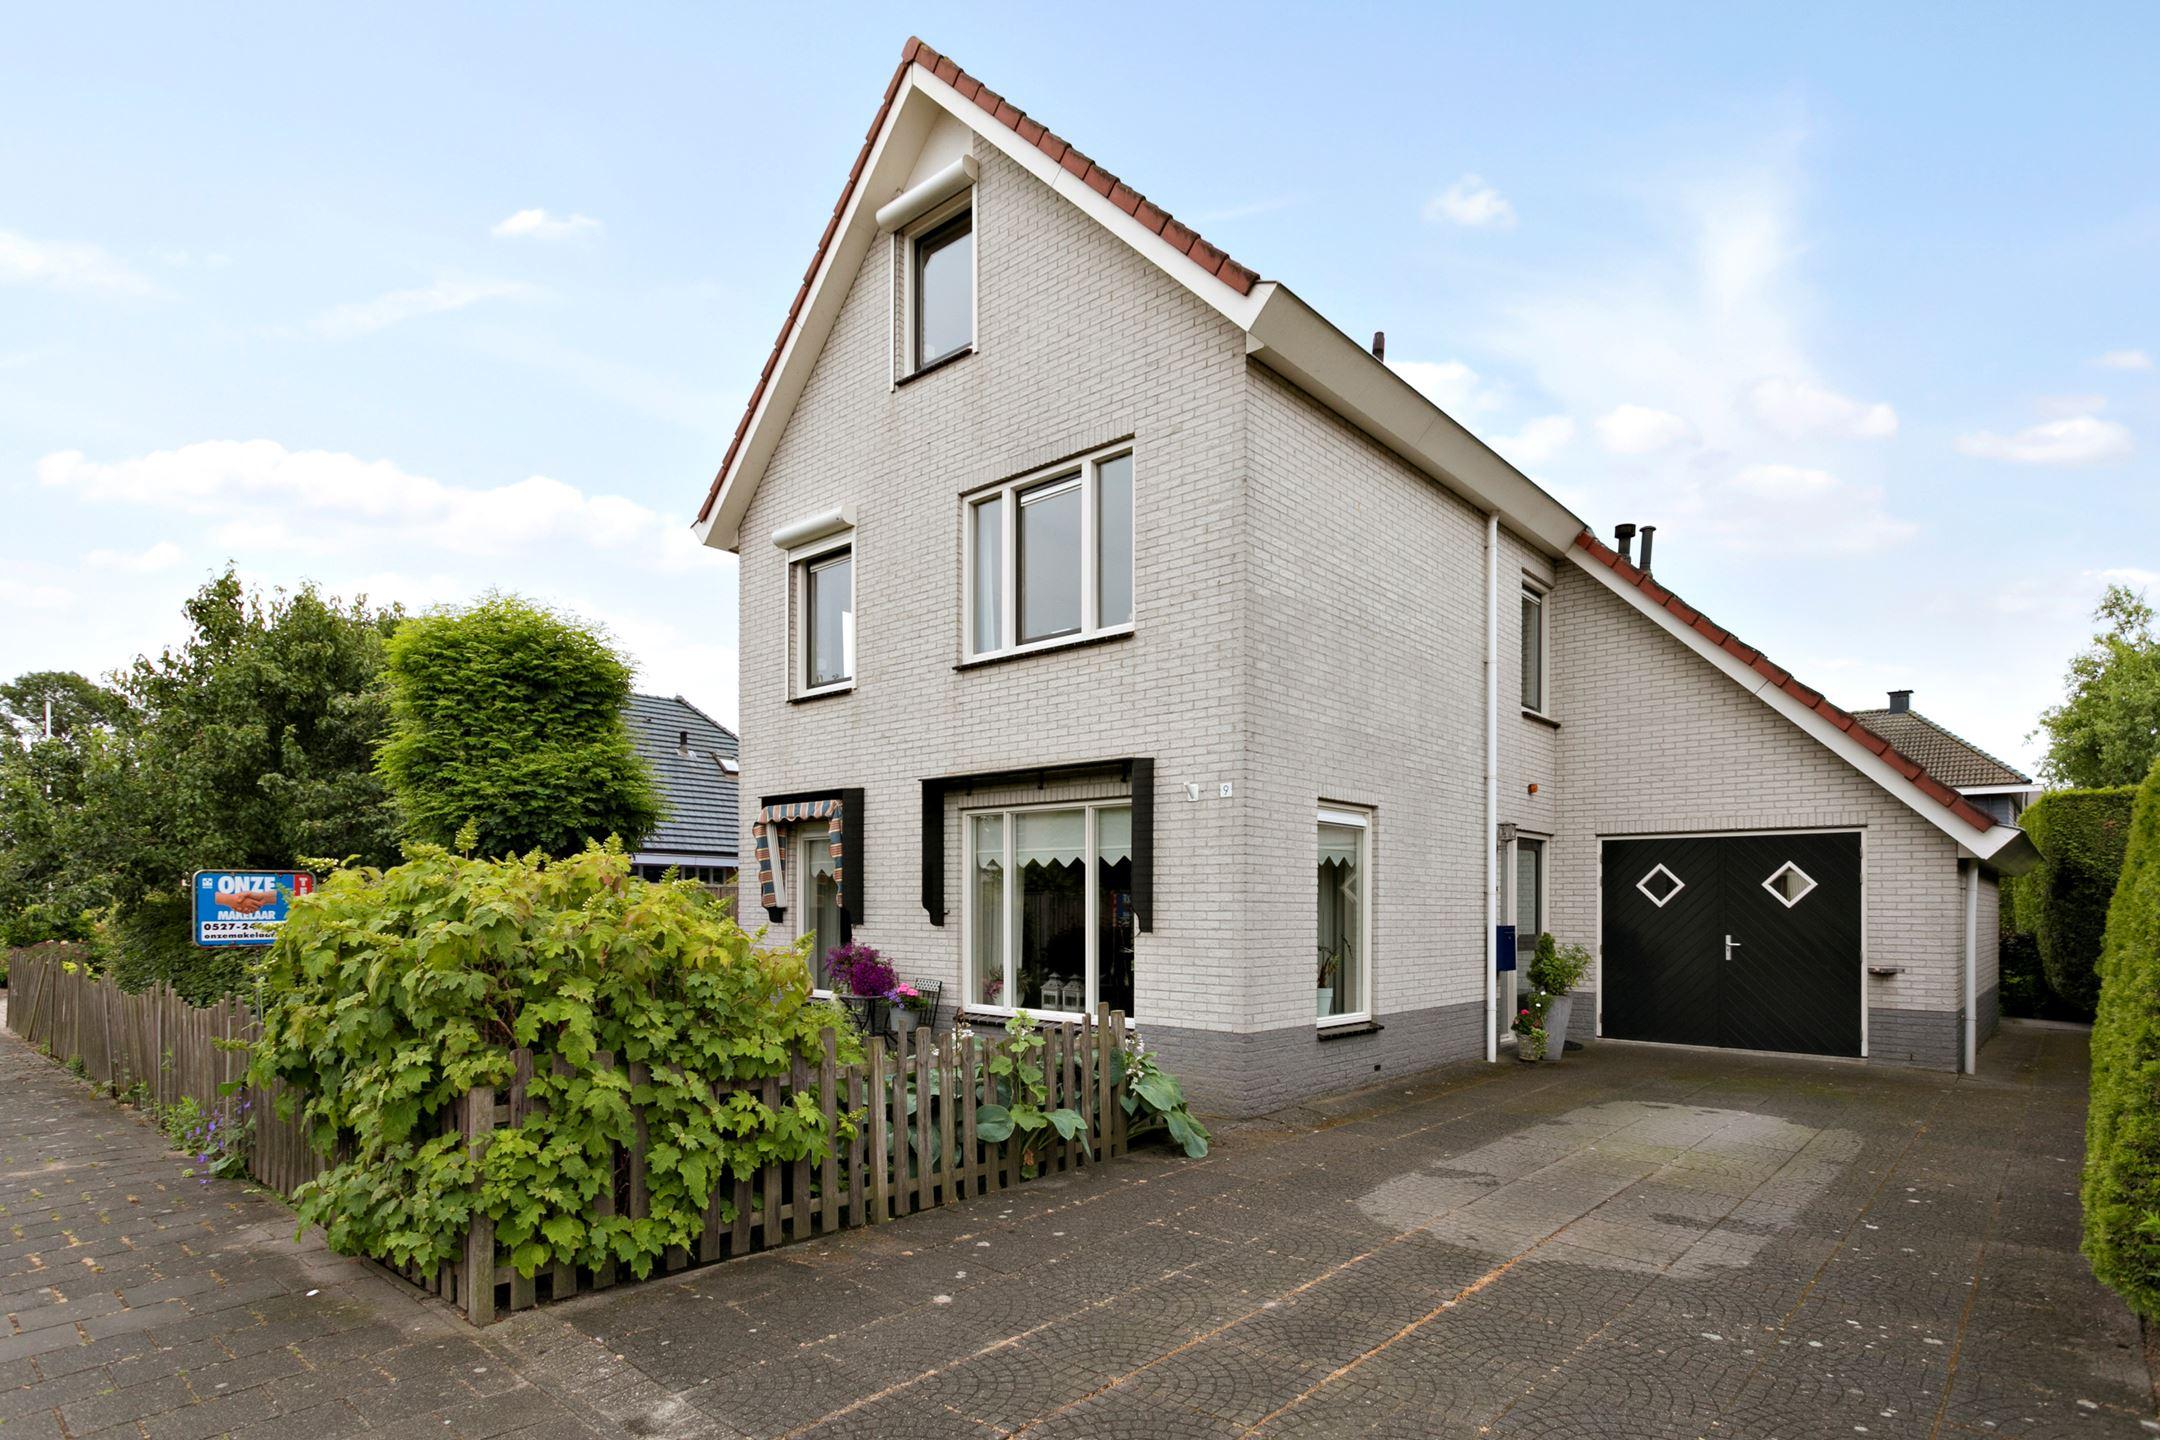 Torenvalk 9 8309 CP Tollebeek kosmeier.nl